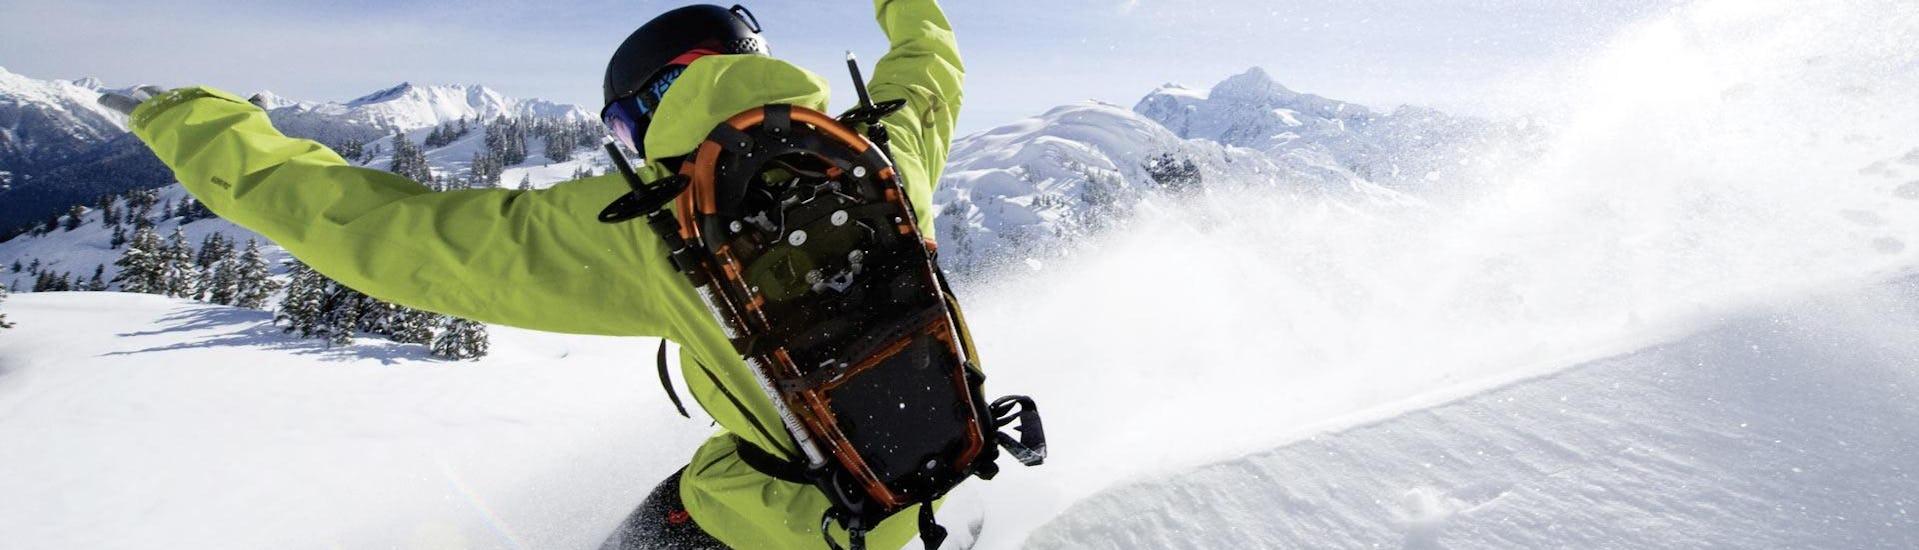 Snowboardkurs für Kinder & Erwachsene - Fortgeschritten